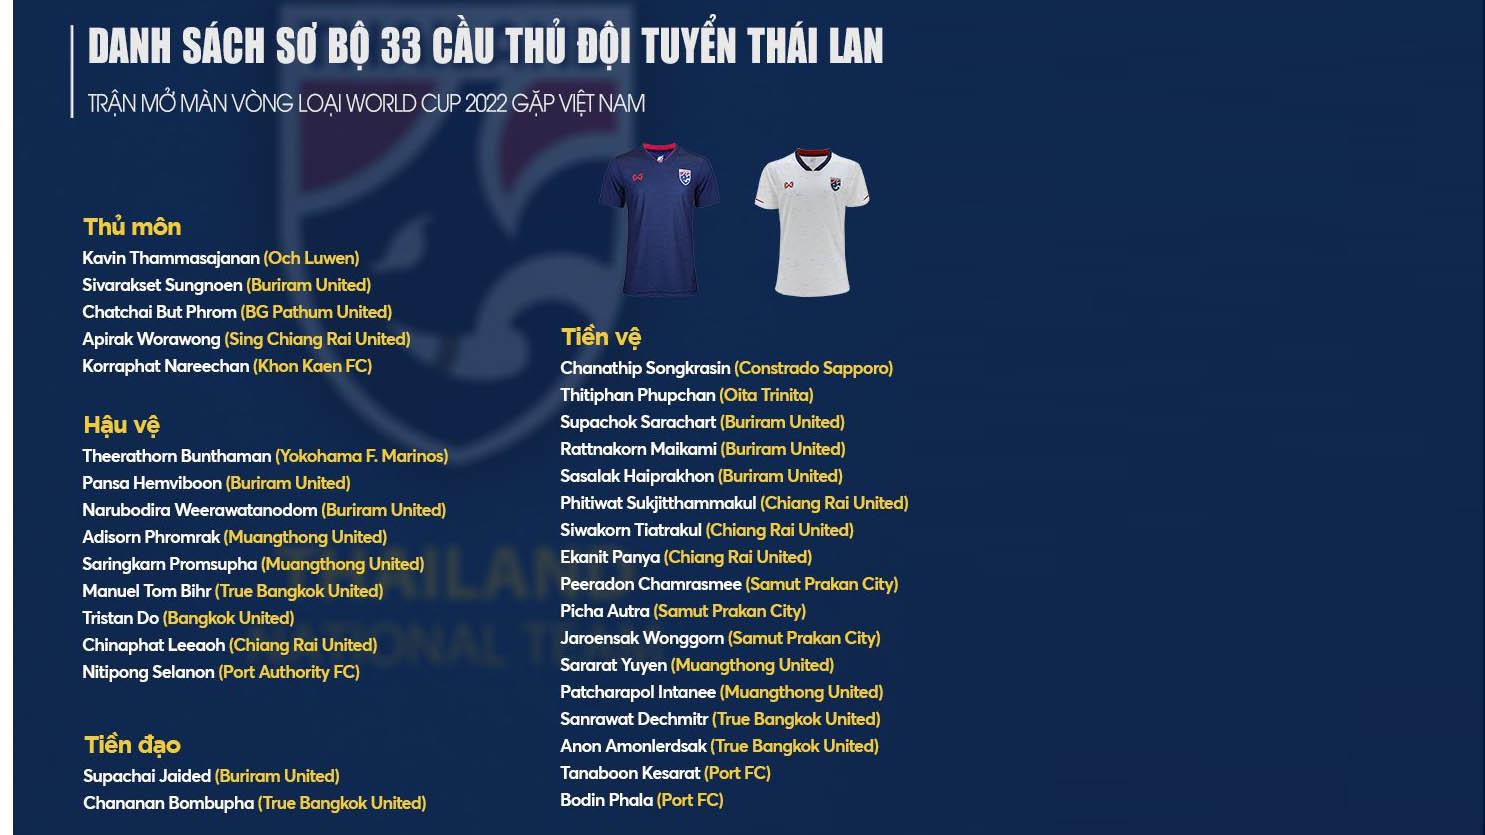 bóng đá, bong da, thái lan, việt nam, vòng loại world cup 2022 khu vực châu á, tuyển việt nam, thái lan vs việt nam, indonesia, supachai jaided, Teerasil Dangda